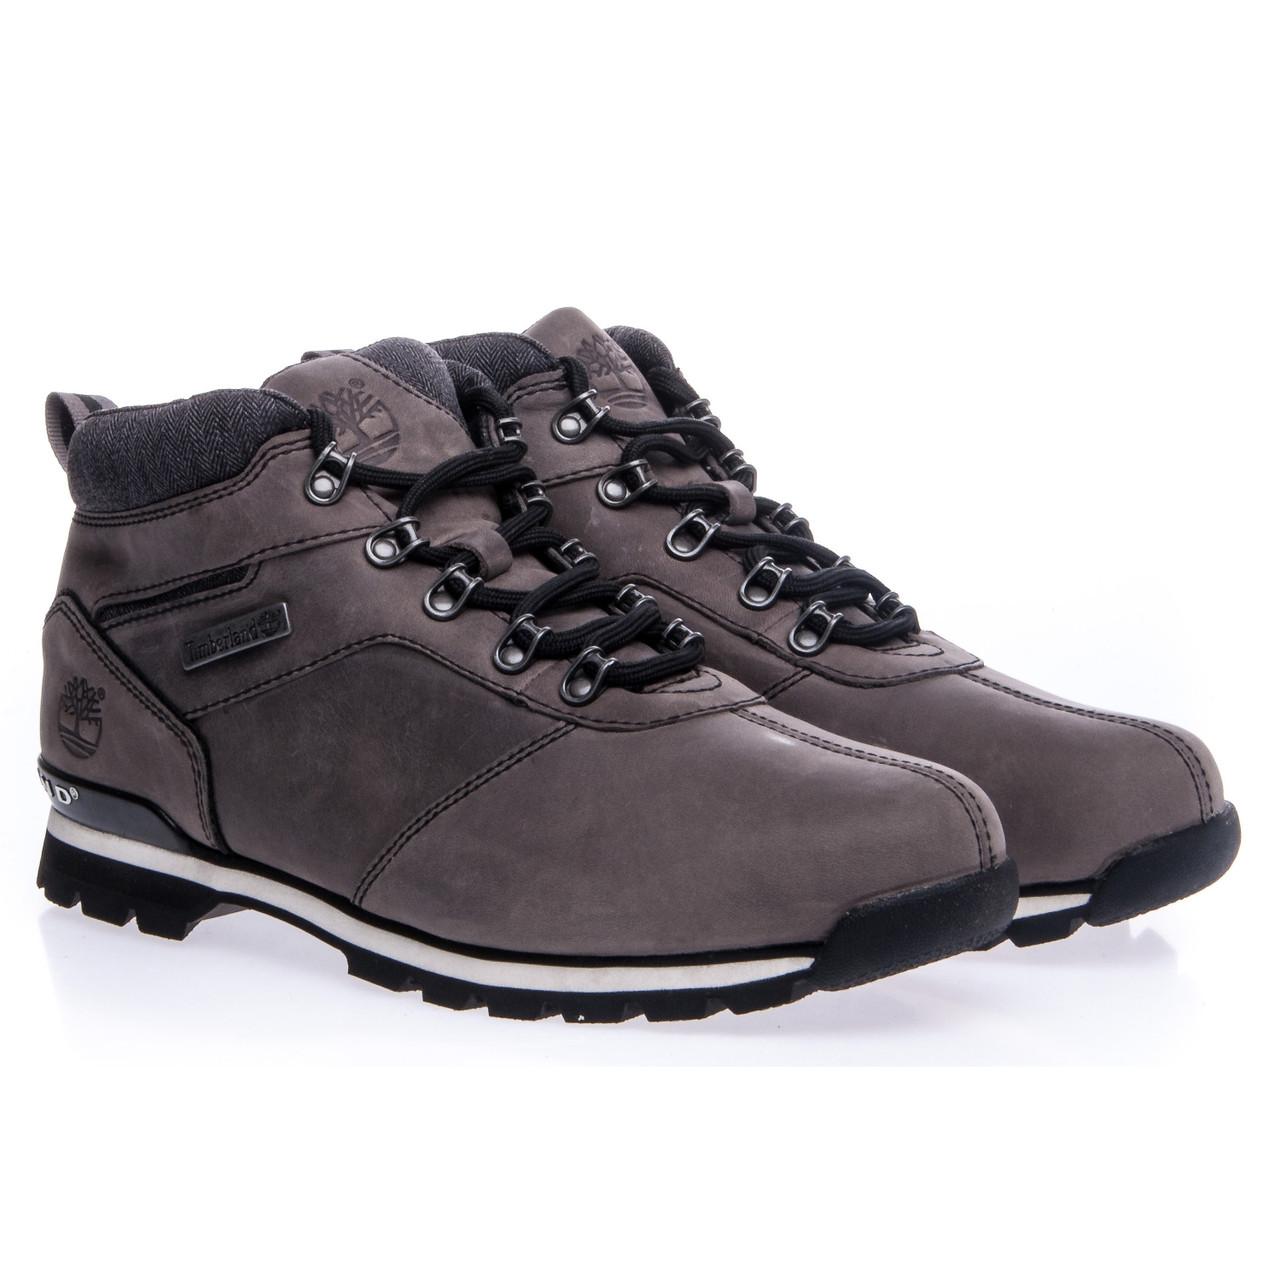 Мужские ботинки Timberland Splitrock 2 Оригинал из США - Интернет-магазин  товаров из США